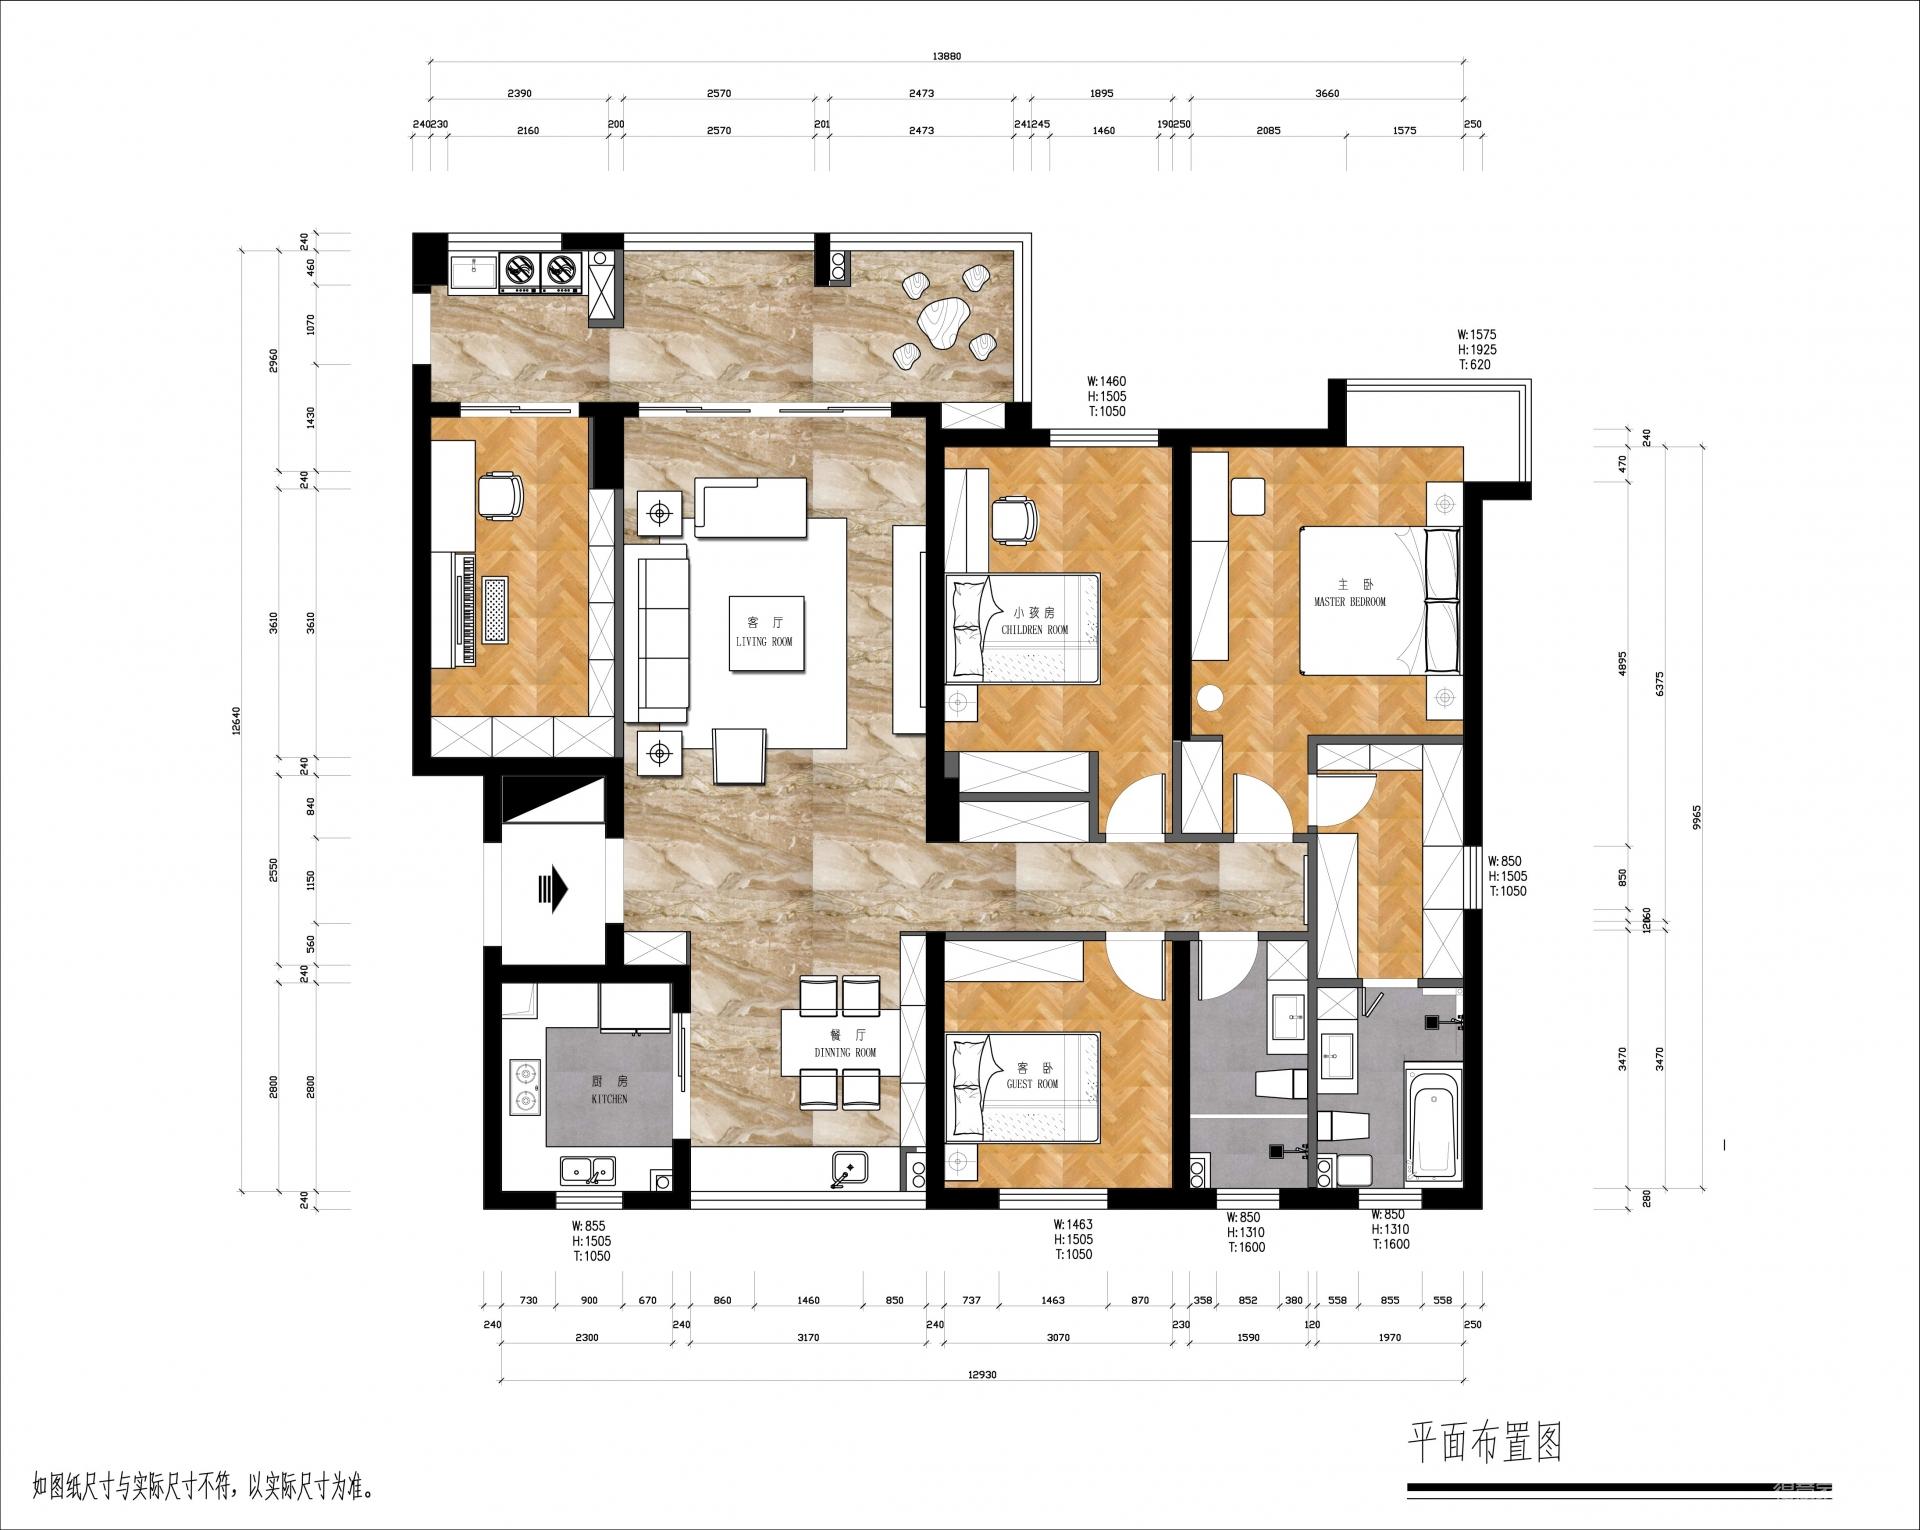 奥山世纪城经典案例图_4